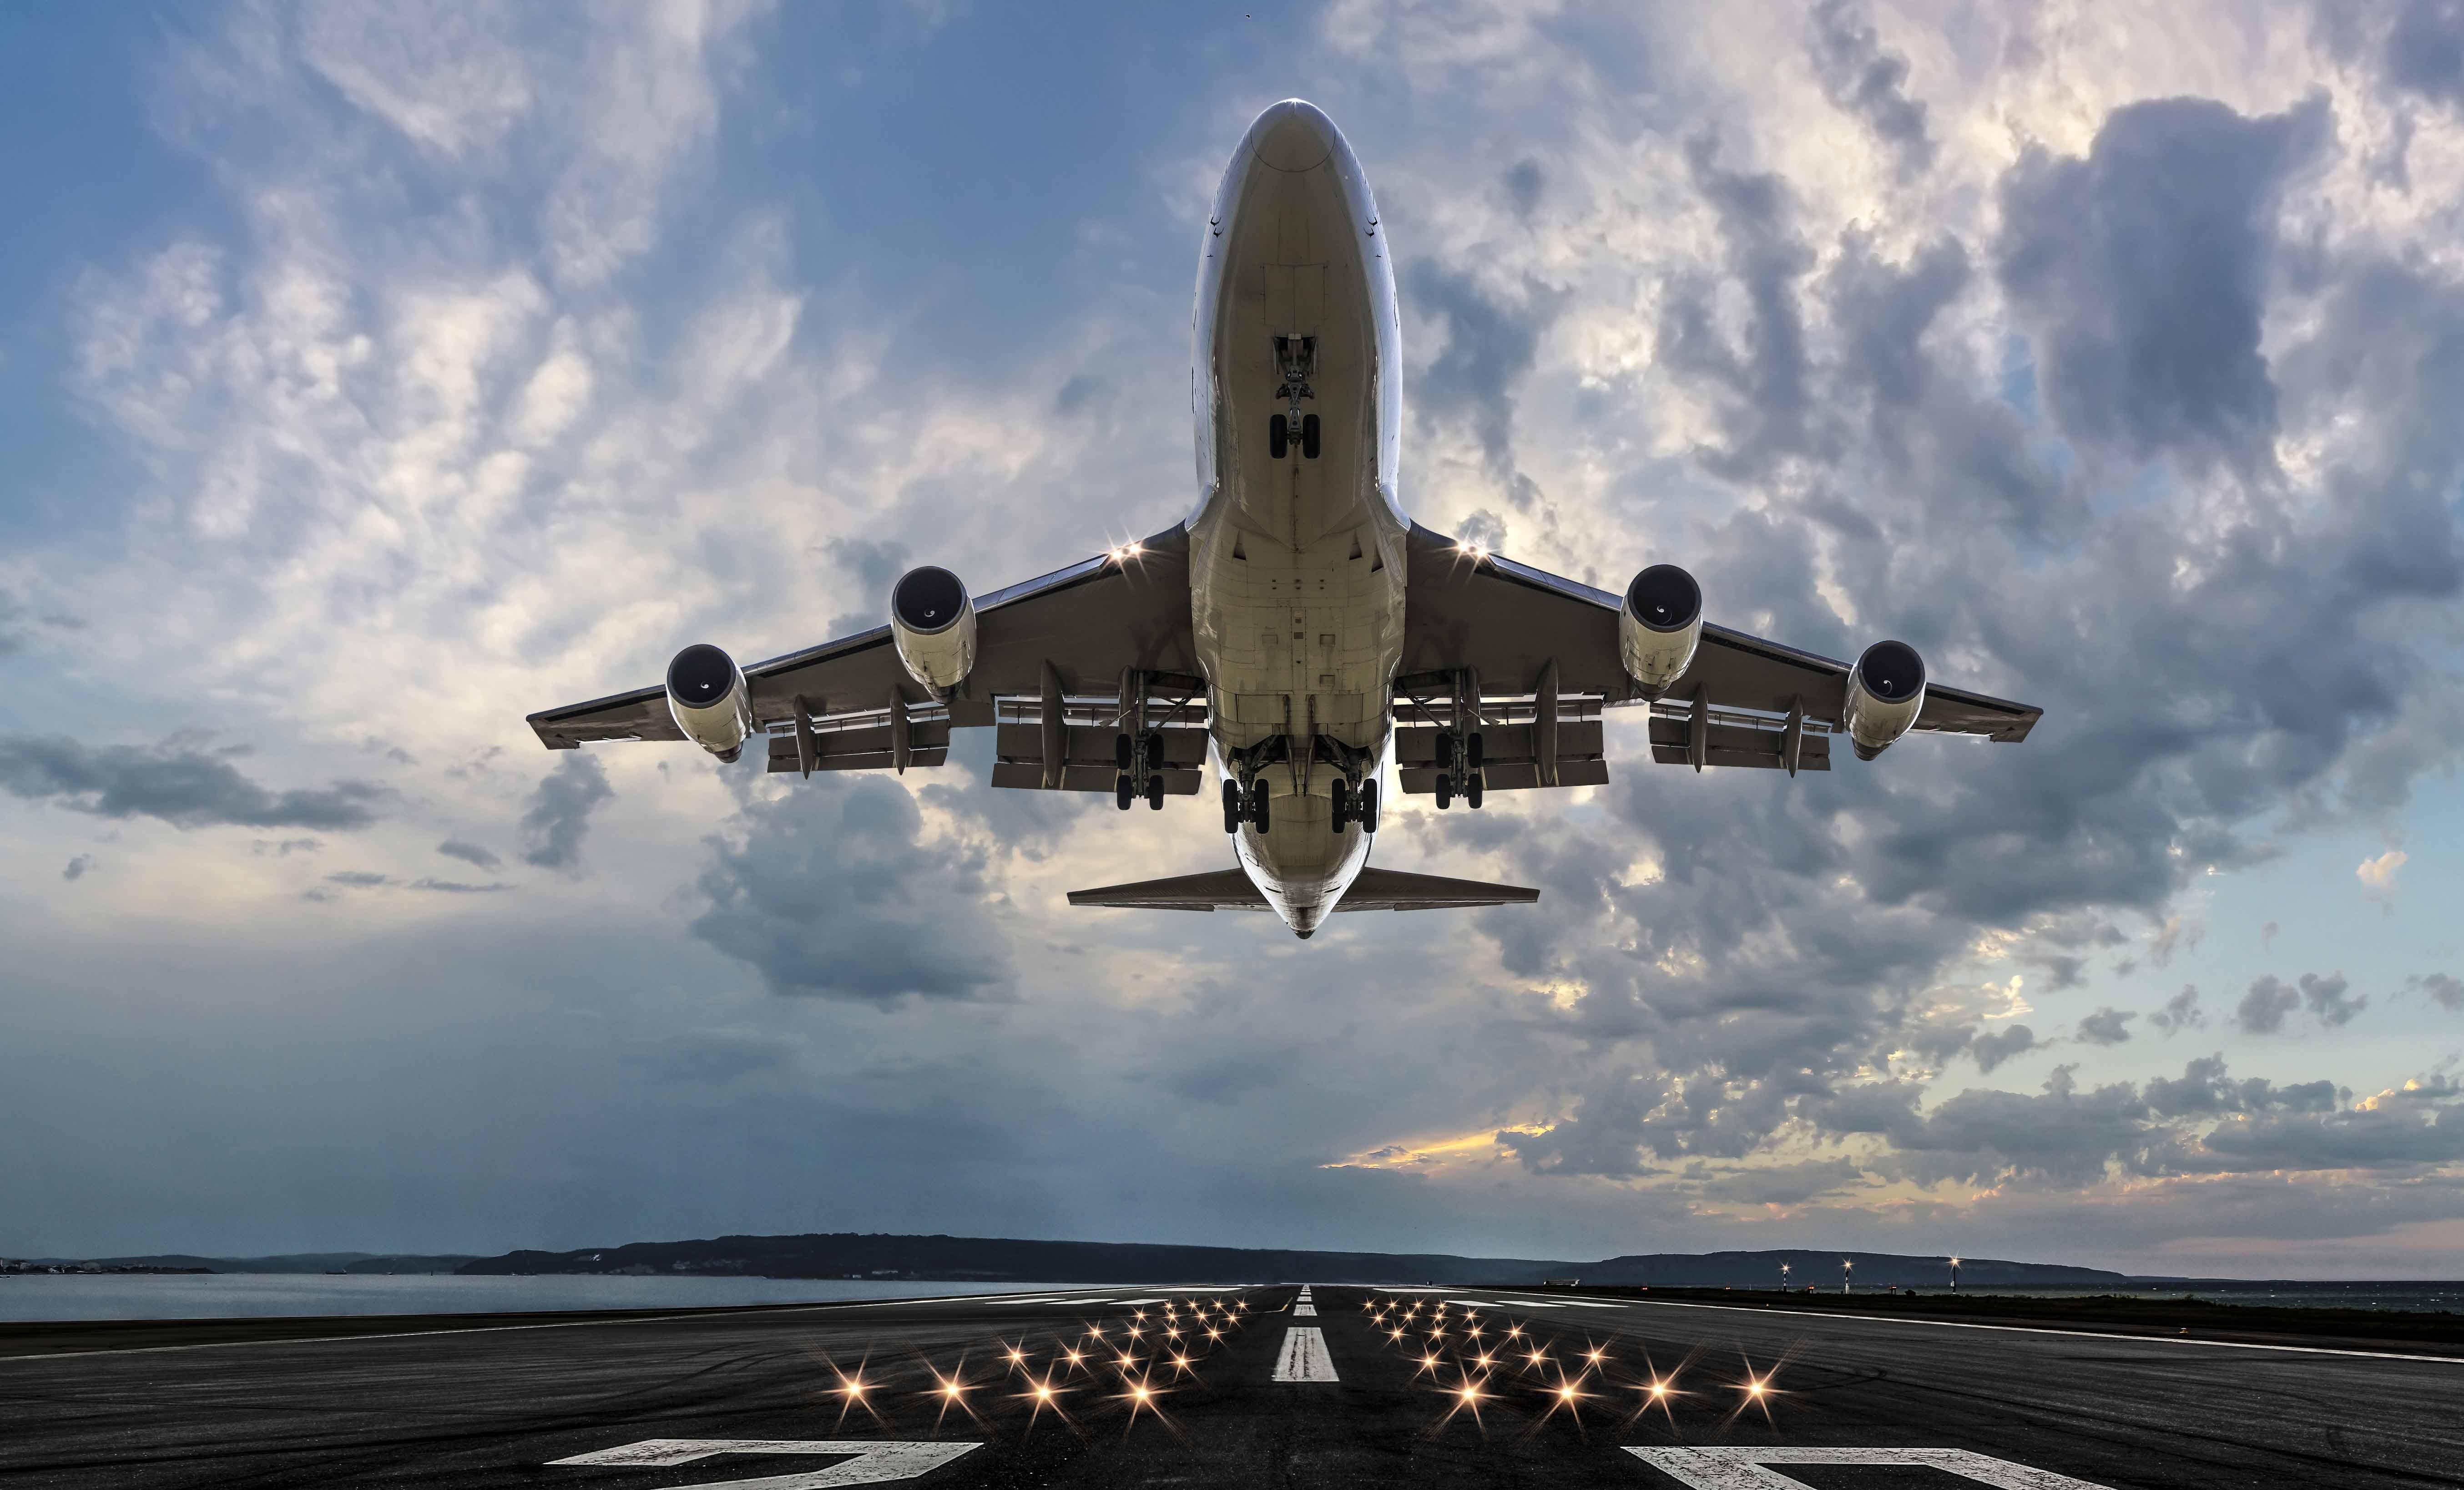 vuelos-internacionales-estas-son-las-nuevas-medidas-para-los-viajeros